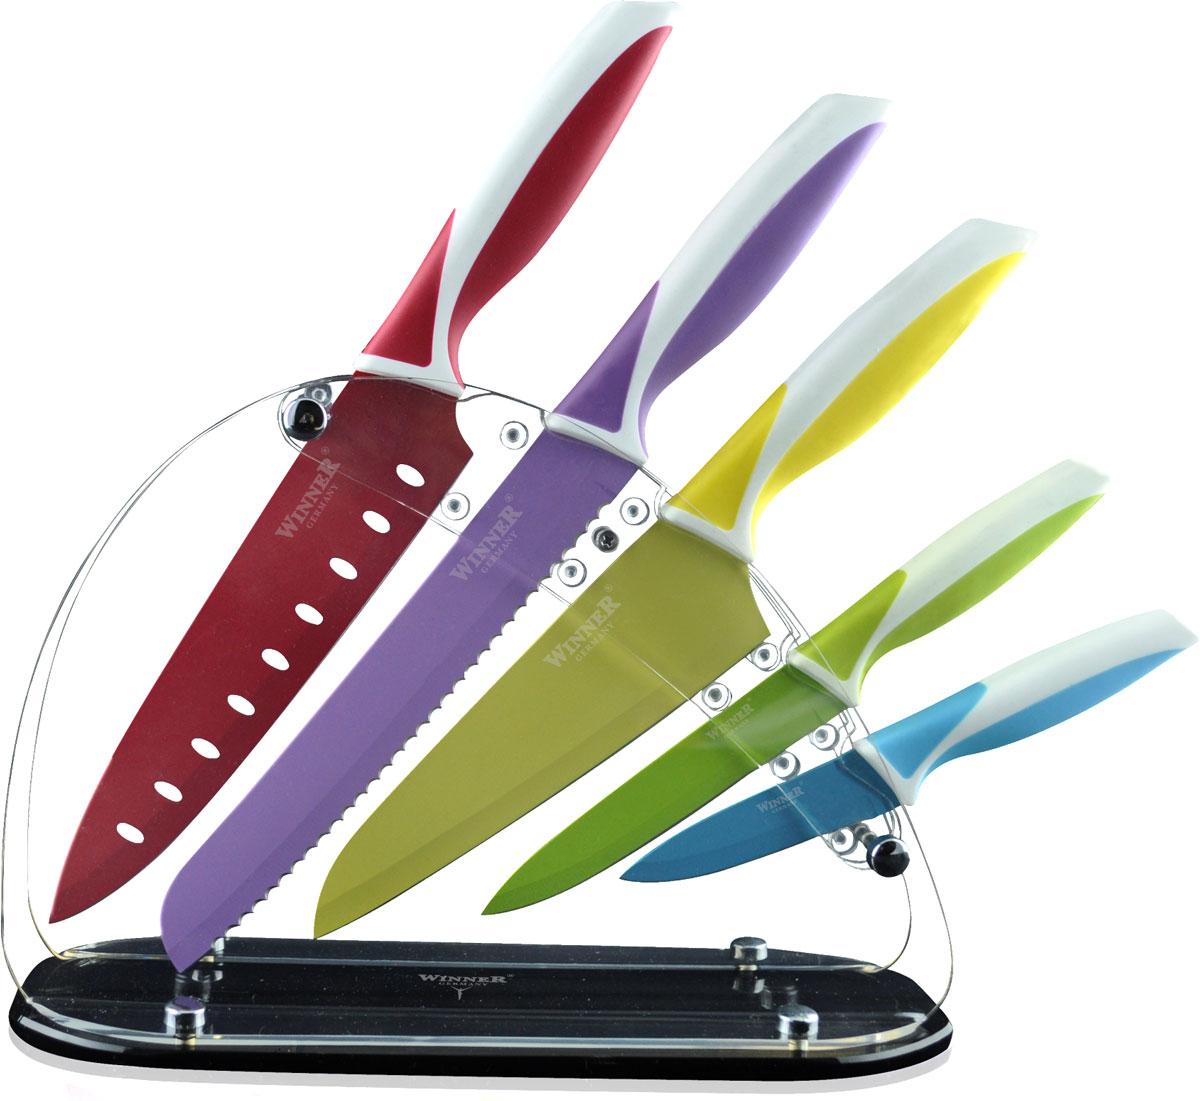 """Набор """"Winner"""" состоит из ножа поварского, ножа для  резки хлеба, ножа сантоку, ножа  универсального и ножа для чистки овощей. Ножи  изготовлены из высококачественной нержавеющей стали. Они имеют  острые лезвия, а благодаря специальному покрытию они  держат заводскую заточку в несколько раз дольше, чем  обычные стальные ножи. Продукты, которые вы  нарезаете такими ножами, не прилипают к лезвию ножа,  не вступают в химическую реакцию, не окисляются и не  намагничиваются. Эргономичная рукоятка ножей  выполнена из высококачественного прорезиненного  пластика. Рукоятка не скользит в руках и делает резку  удобной и безопасной. В комплект входит акриловая  подставка для хранения ножей. Этот набор будет служить вам многие годы при  соблюдении простых правил. Общая длина ножа поварского: 32 см. Длина лезвия ножа поварского: 19,5 см. Общая длина ножа для резки хлеба: 32 см. Длина лезвия ножа для резки хлеба: 20,5 см. Общая длина ножа сантоку: 30 см. Длина лезвия ножа сантоку: 16,5 см.  Общая длина ножа универсального: 23 см. Длина лезвия ножа универсального: 12,7 см.  Общая длина ножа для чистки: 19,5 см. Длина лезвия ножа для чистки: 9 см."""